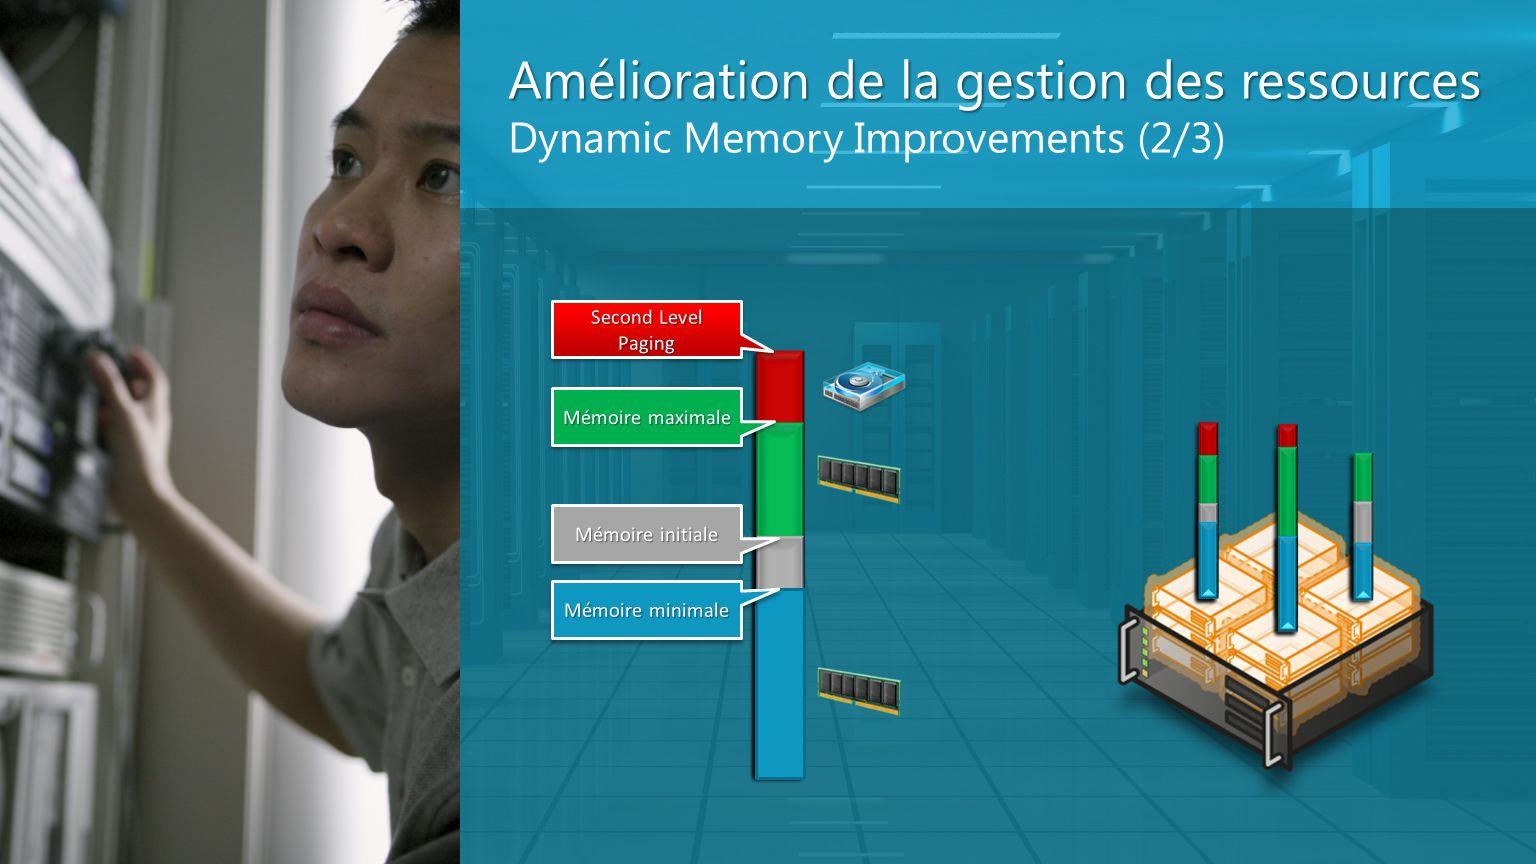 Amélioration de la gestion des ressources Dynamic Memory Improvements (2/3)